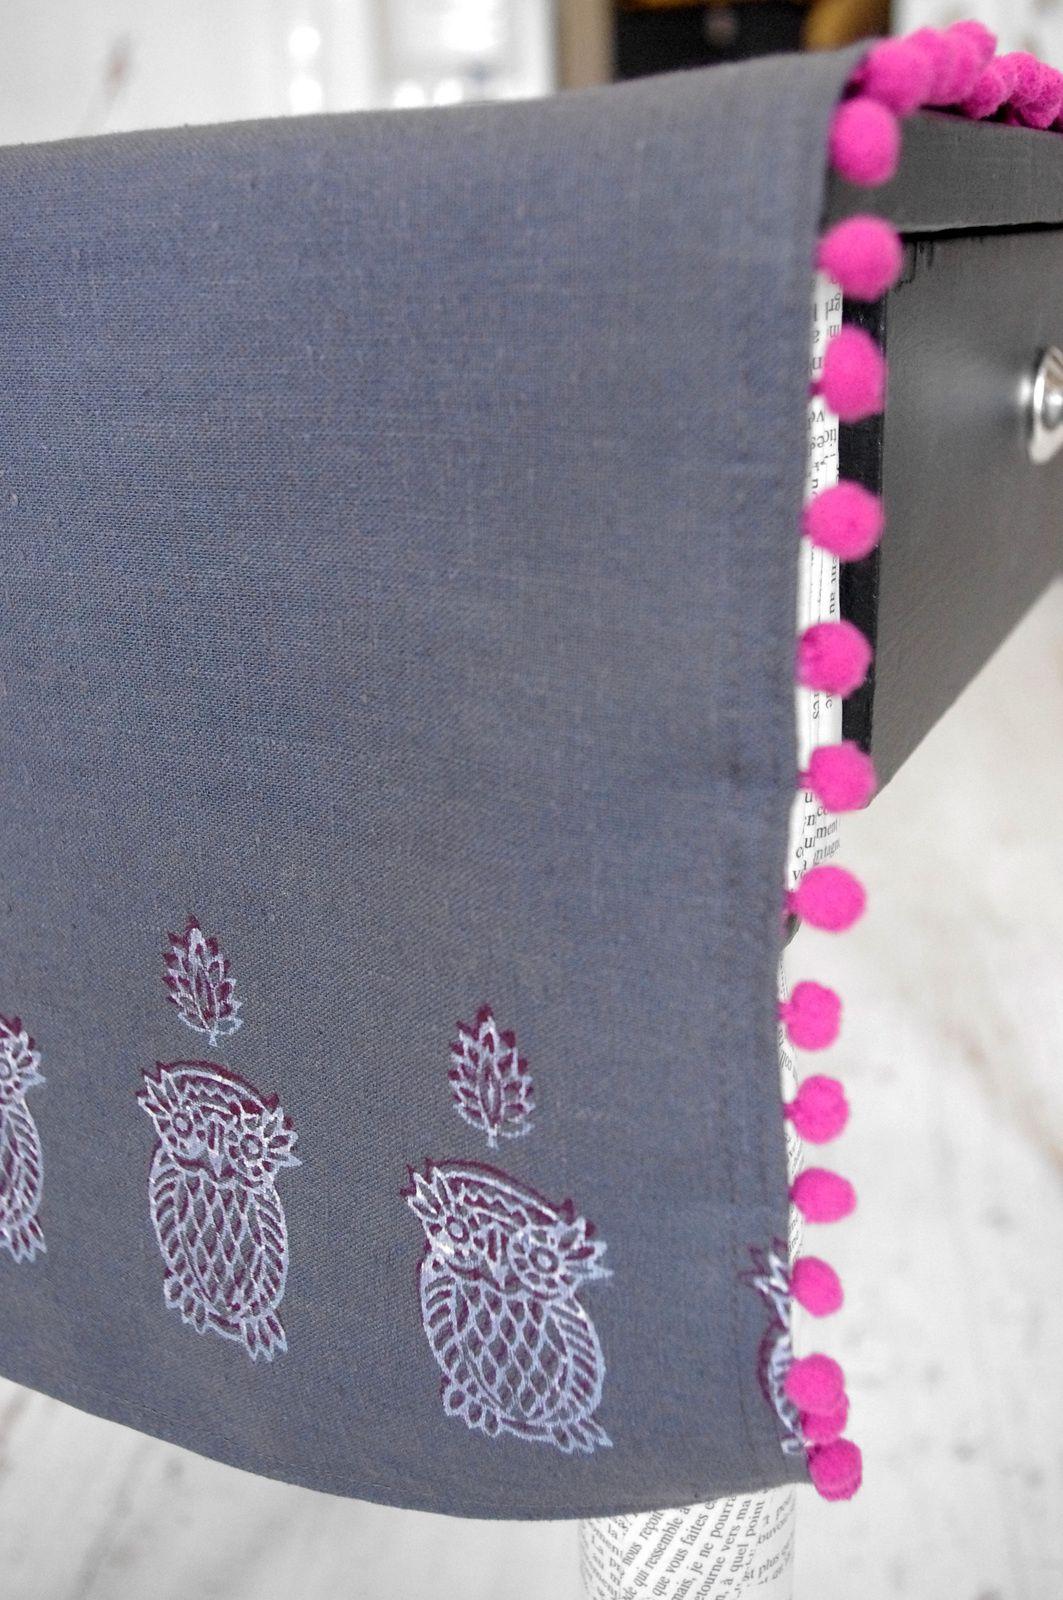 Chemin de table et serviettes gris anthracite et rose